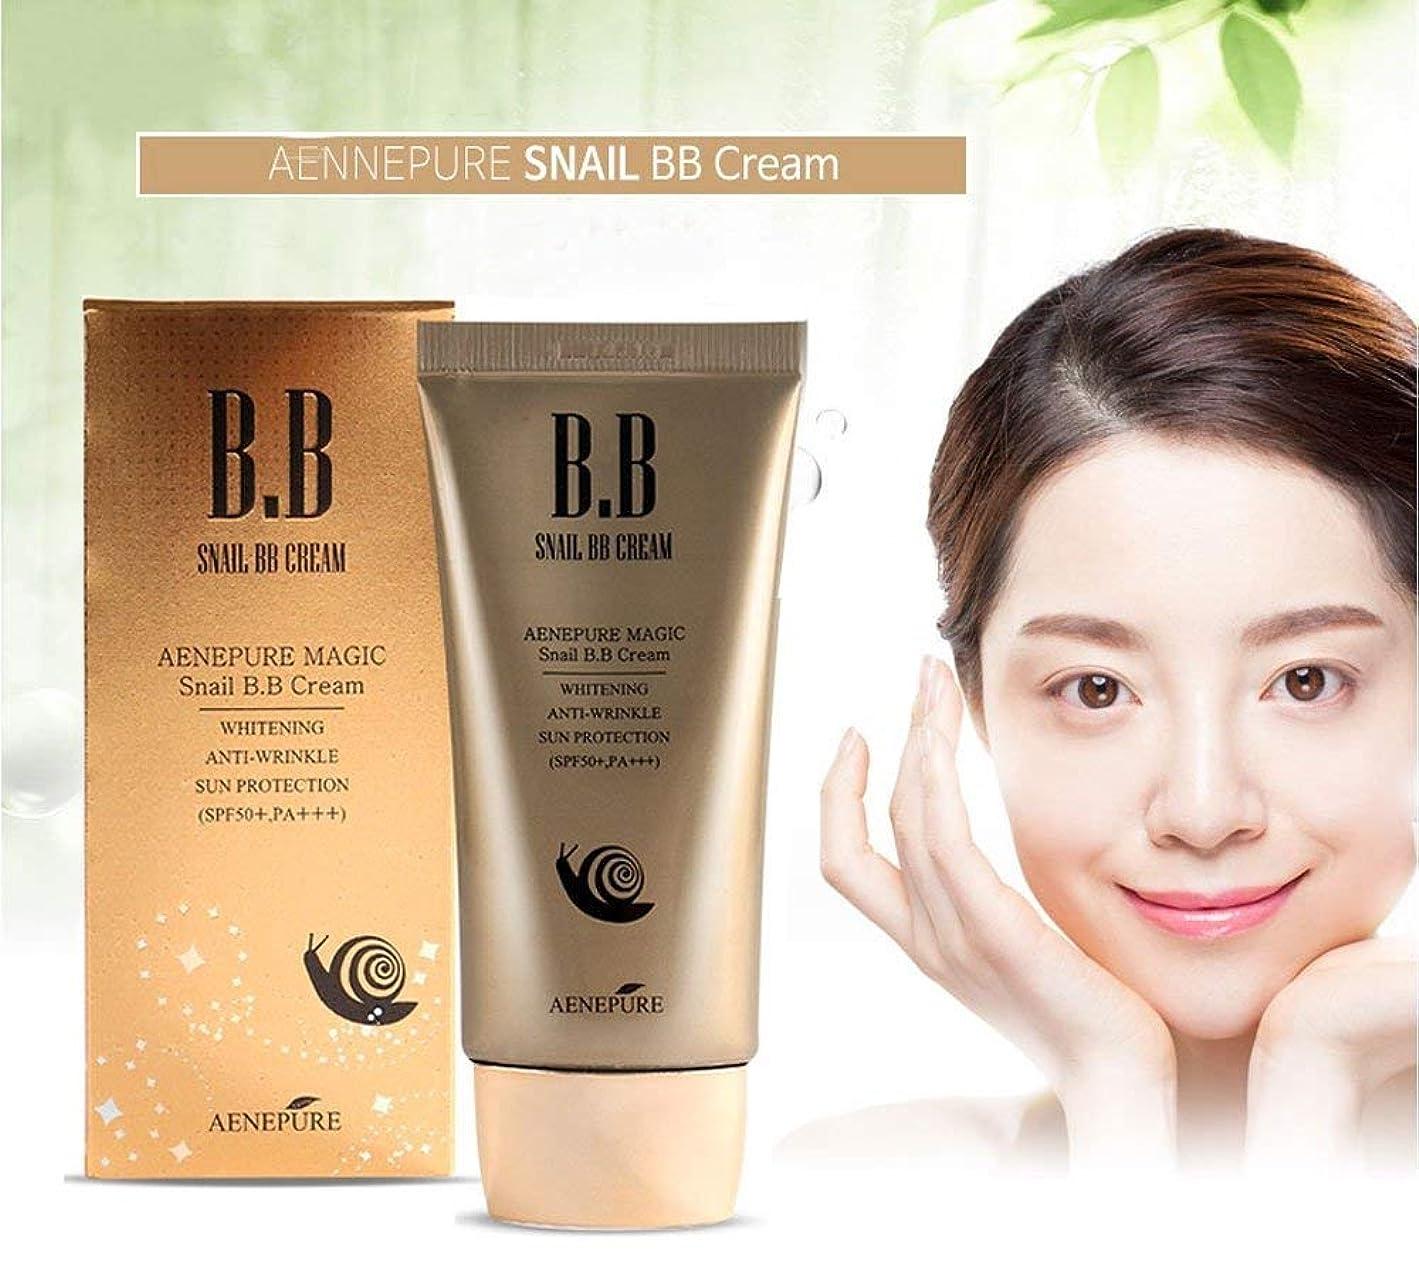 操作増幅器レビュアー[Aenepure] カタツムリBBクリームSPF50の+、PA +++ / Snail BB cream SPF50+, PA +++ / ホワイトニング、アンチリンクル、日焼け防止 / Whitening, Anti-Wrinkle,Sun protection / 韓国化粧品 / Korean Cosmetics [並行輸入品]